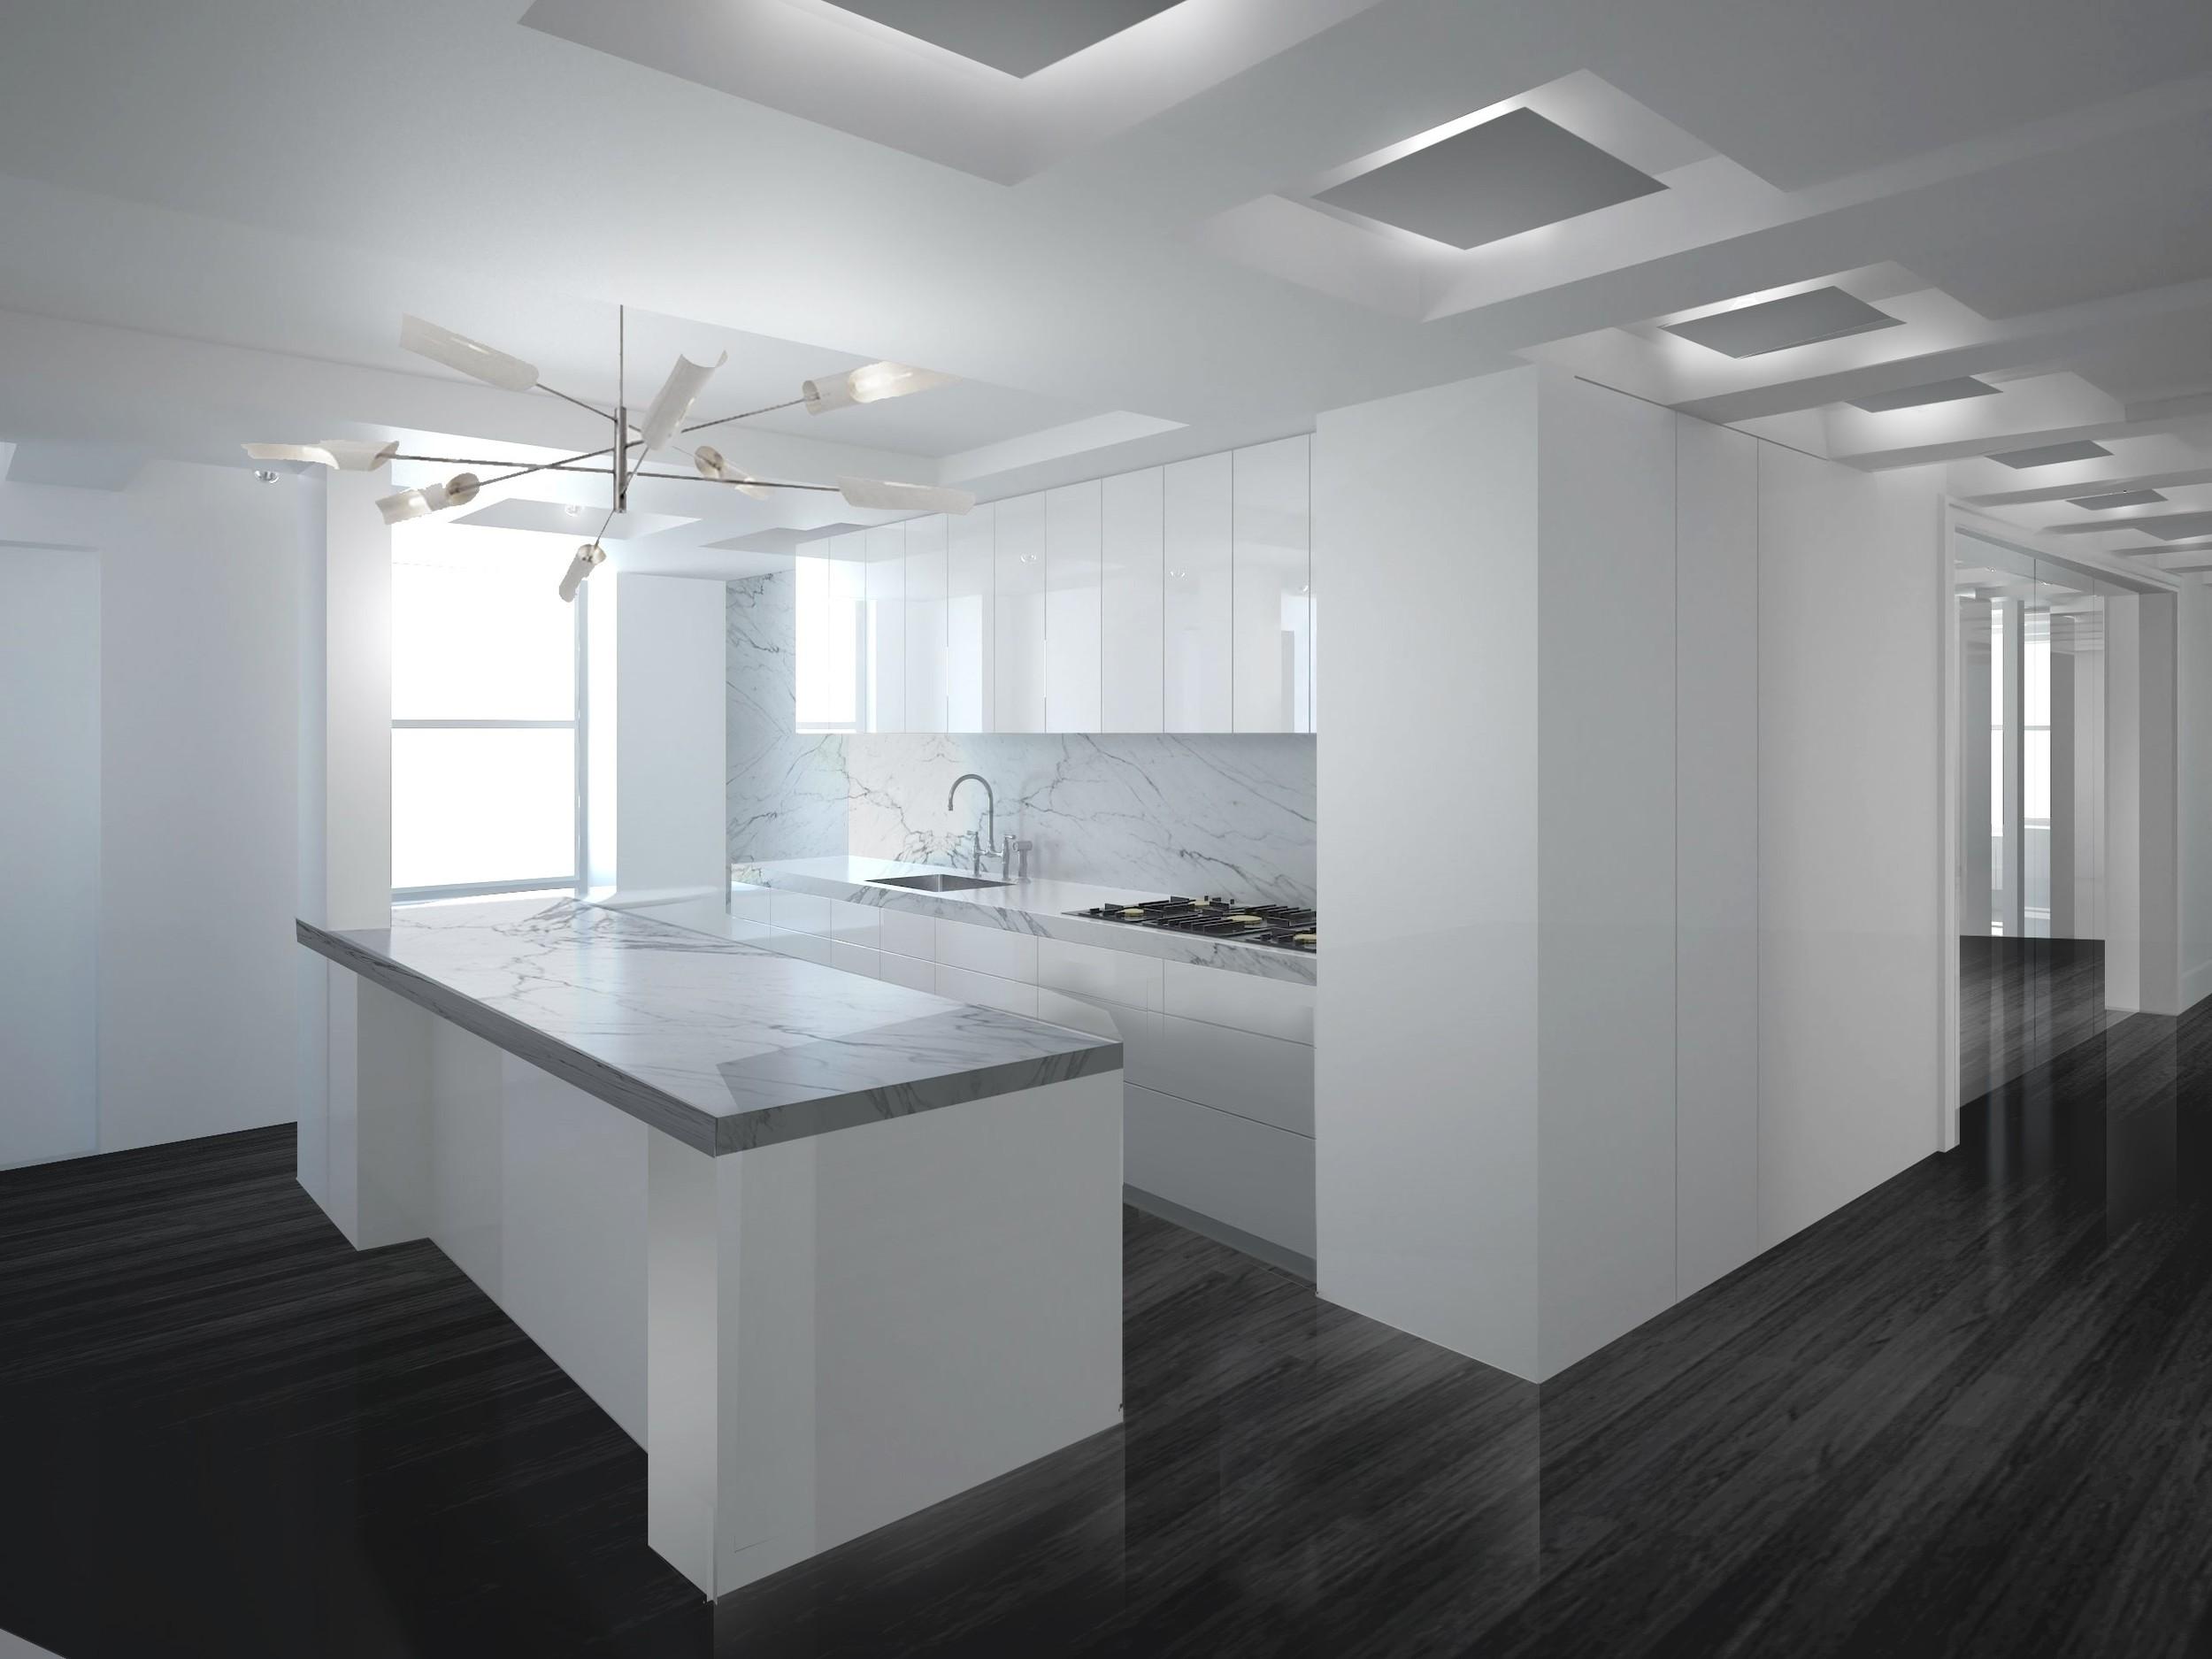 rendering kitchen.jpg